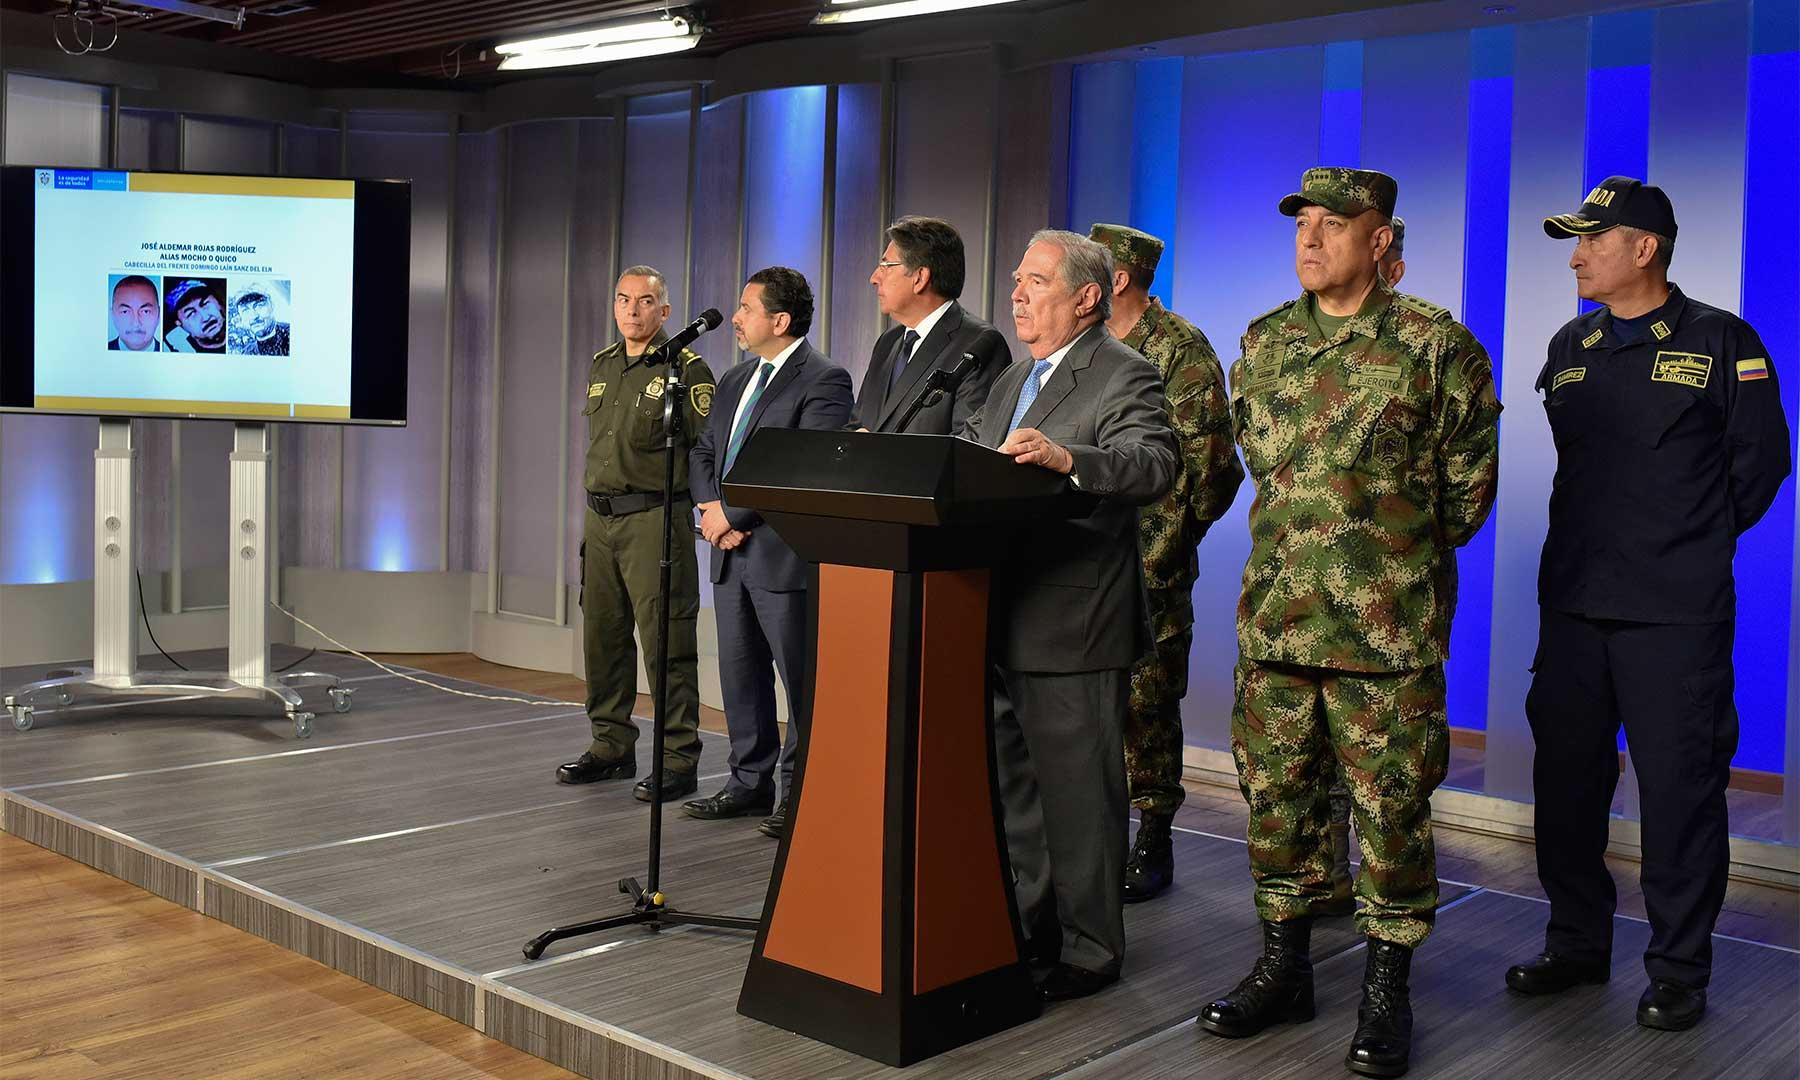 Gobierno responsabiliza al Eln del atentado terrorista en Bogotá